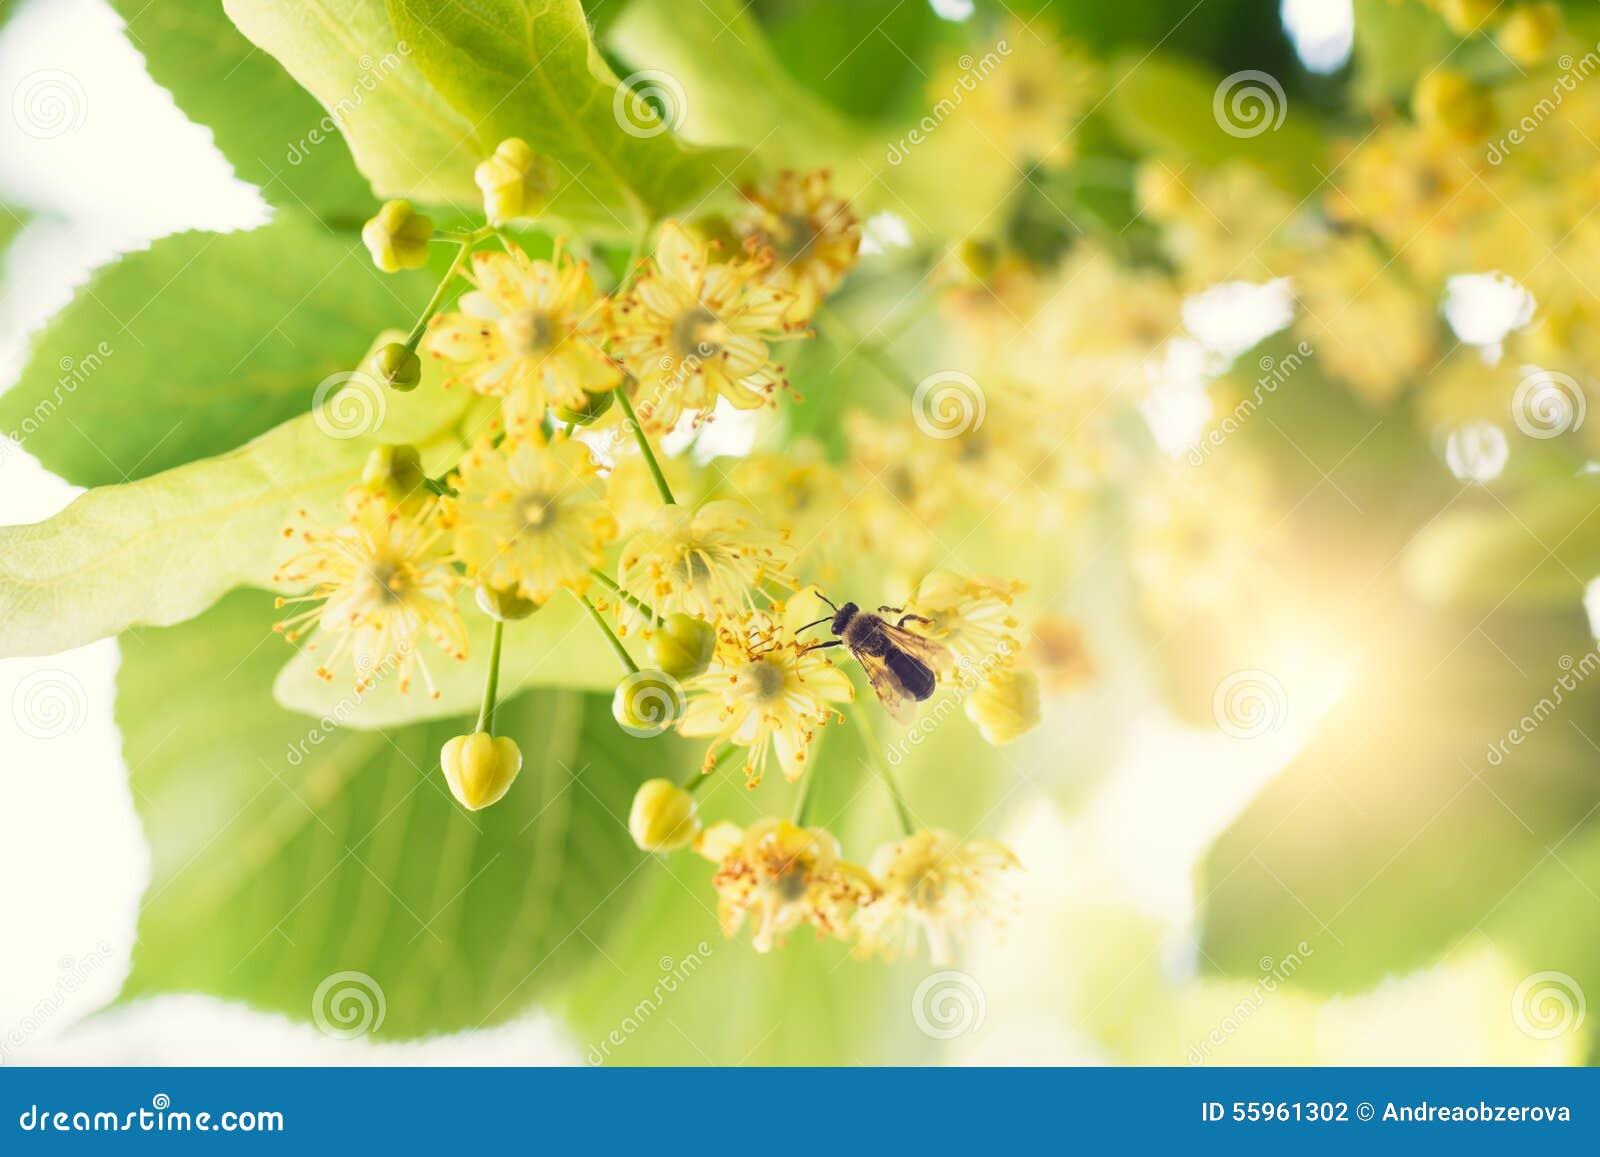 开花的菩提树,在绽放的椴树与蜂